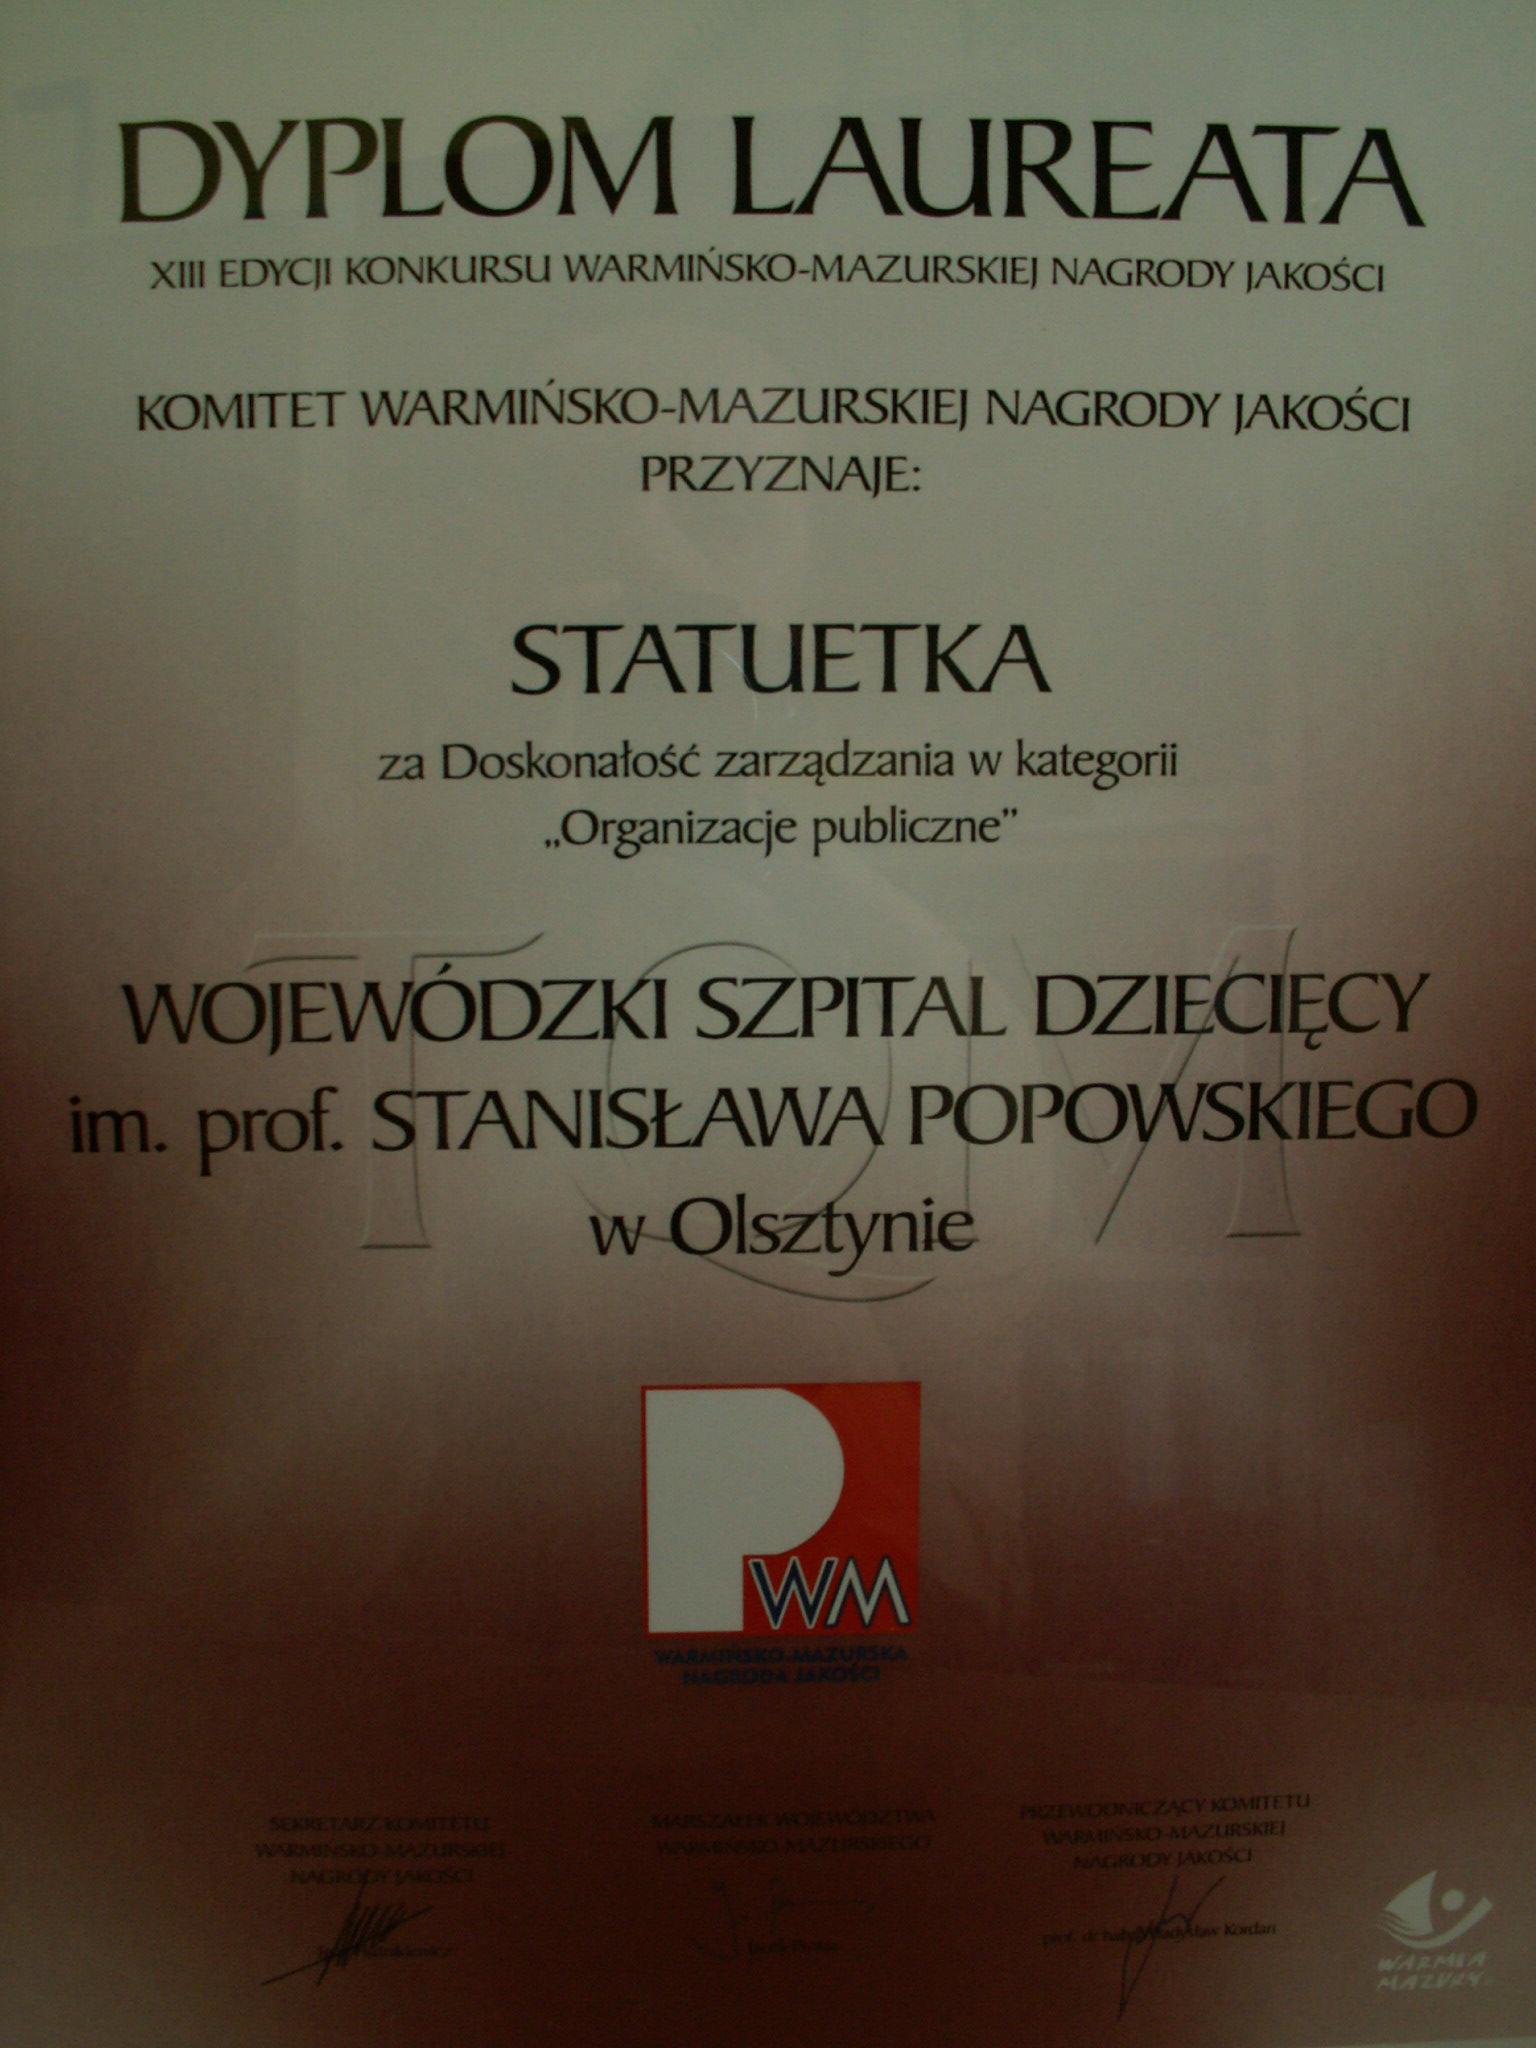 Warmińsko-Mazurska Nagroda Jakości (2013 r.)